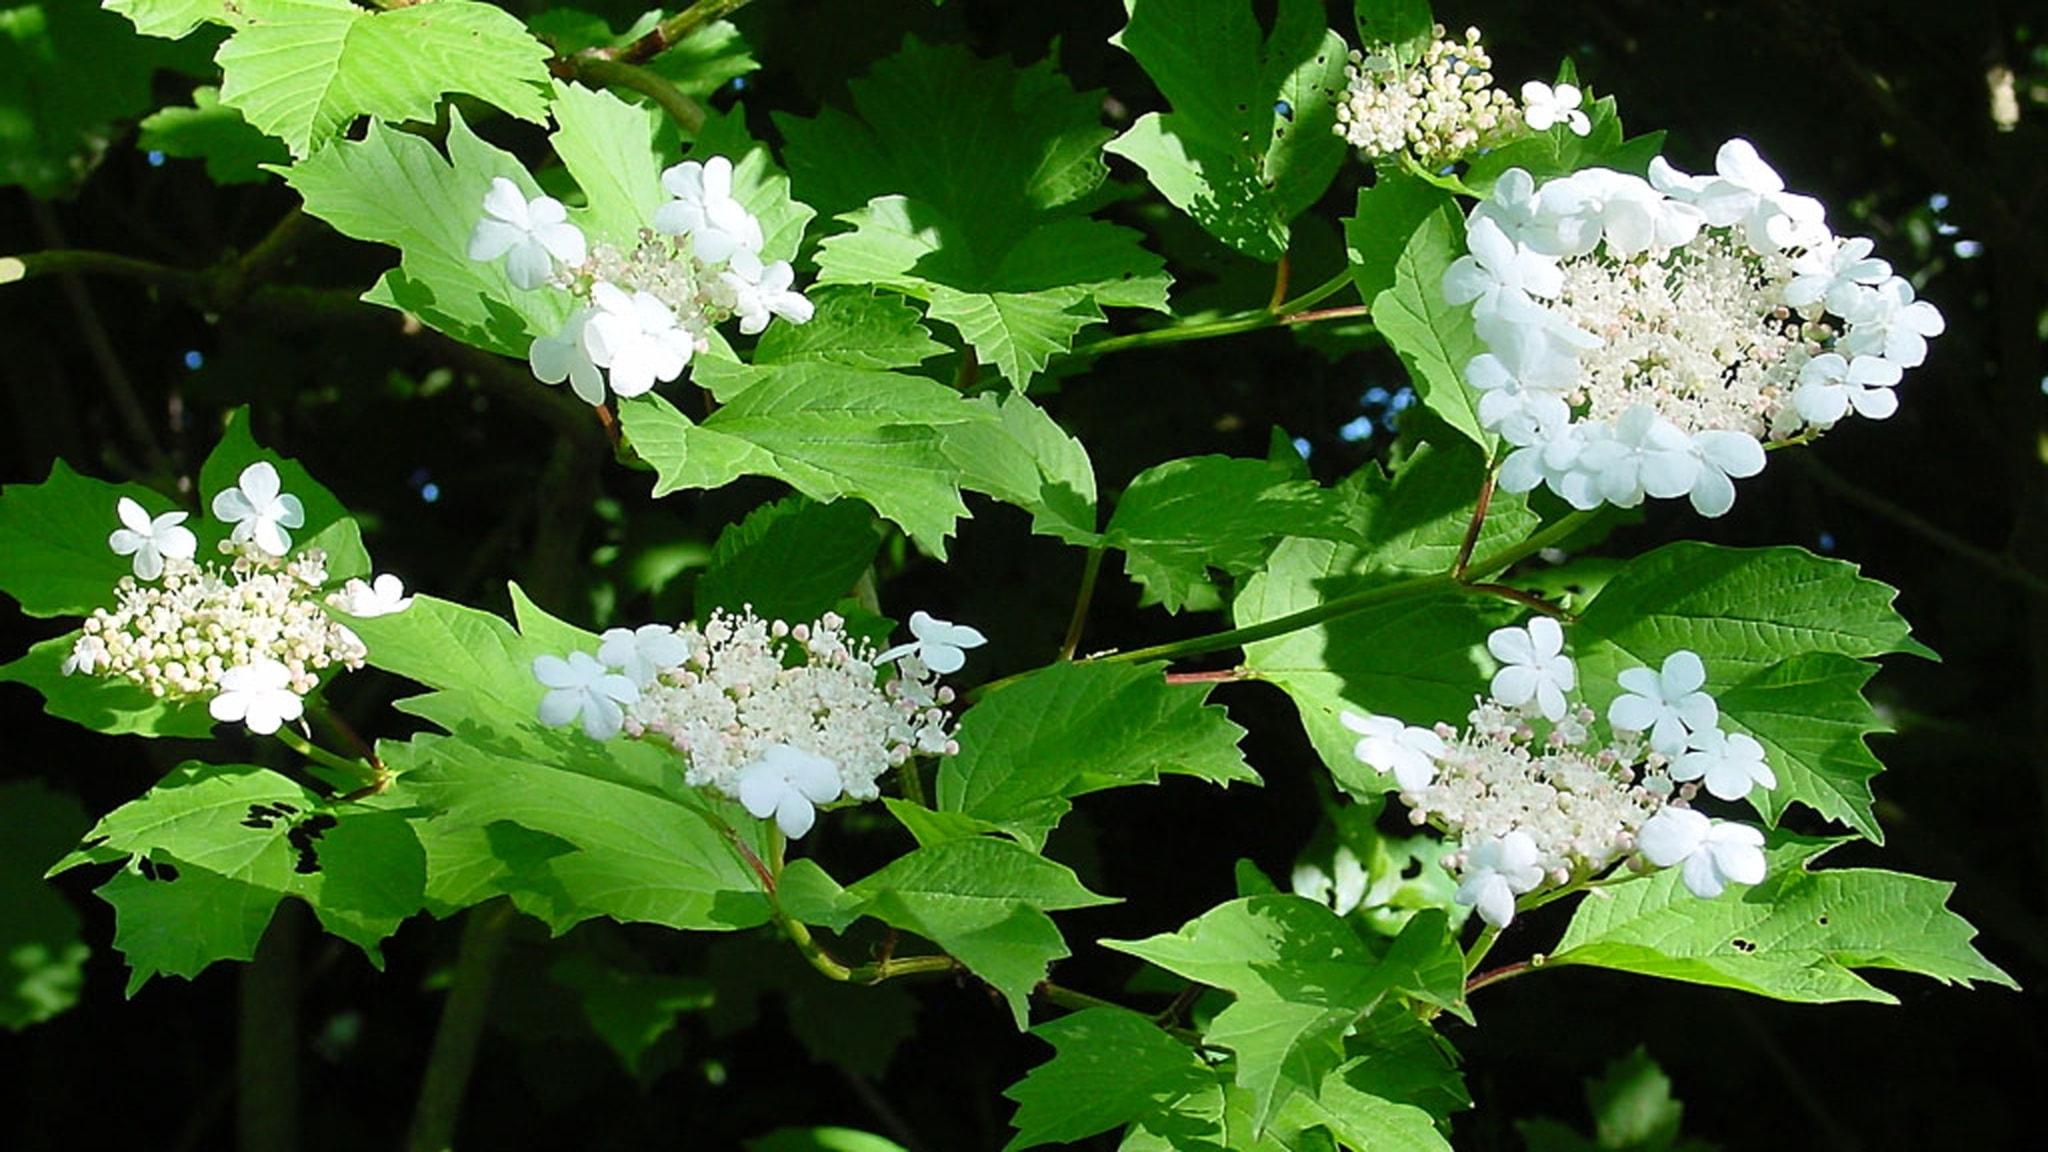 Berits blommor #2: Olvon